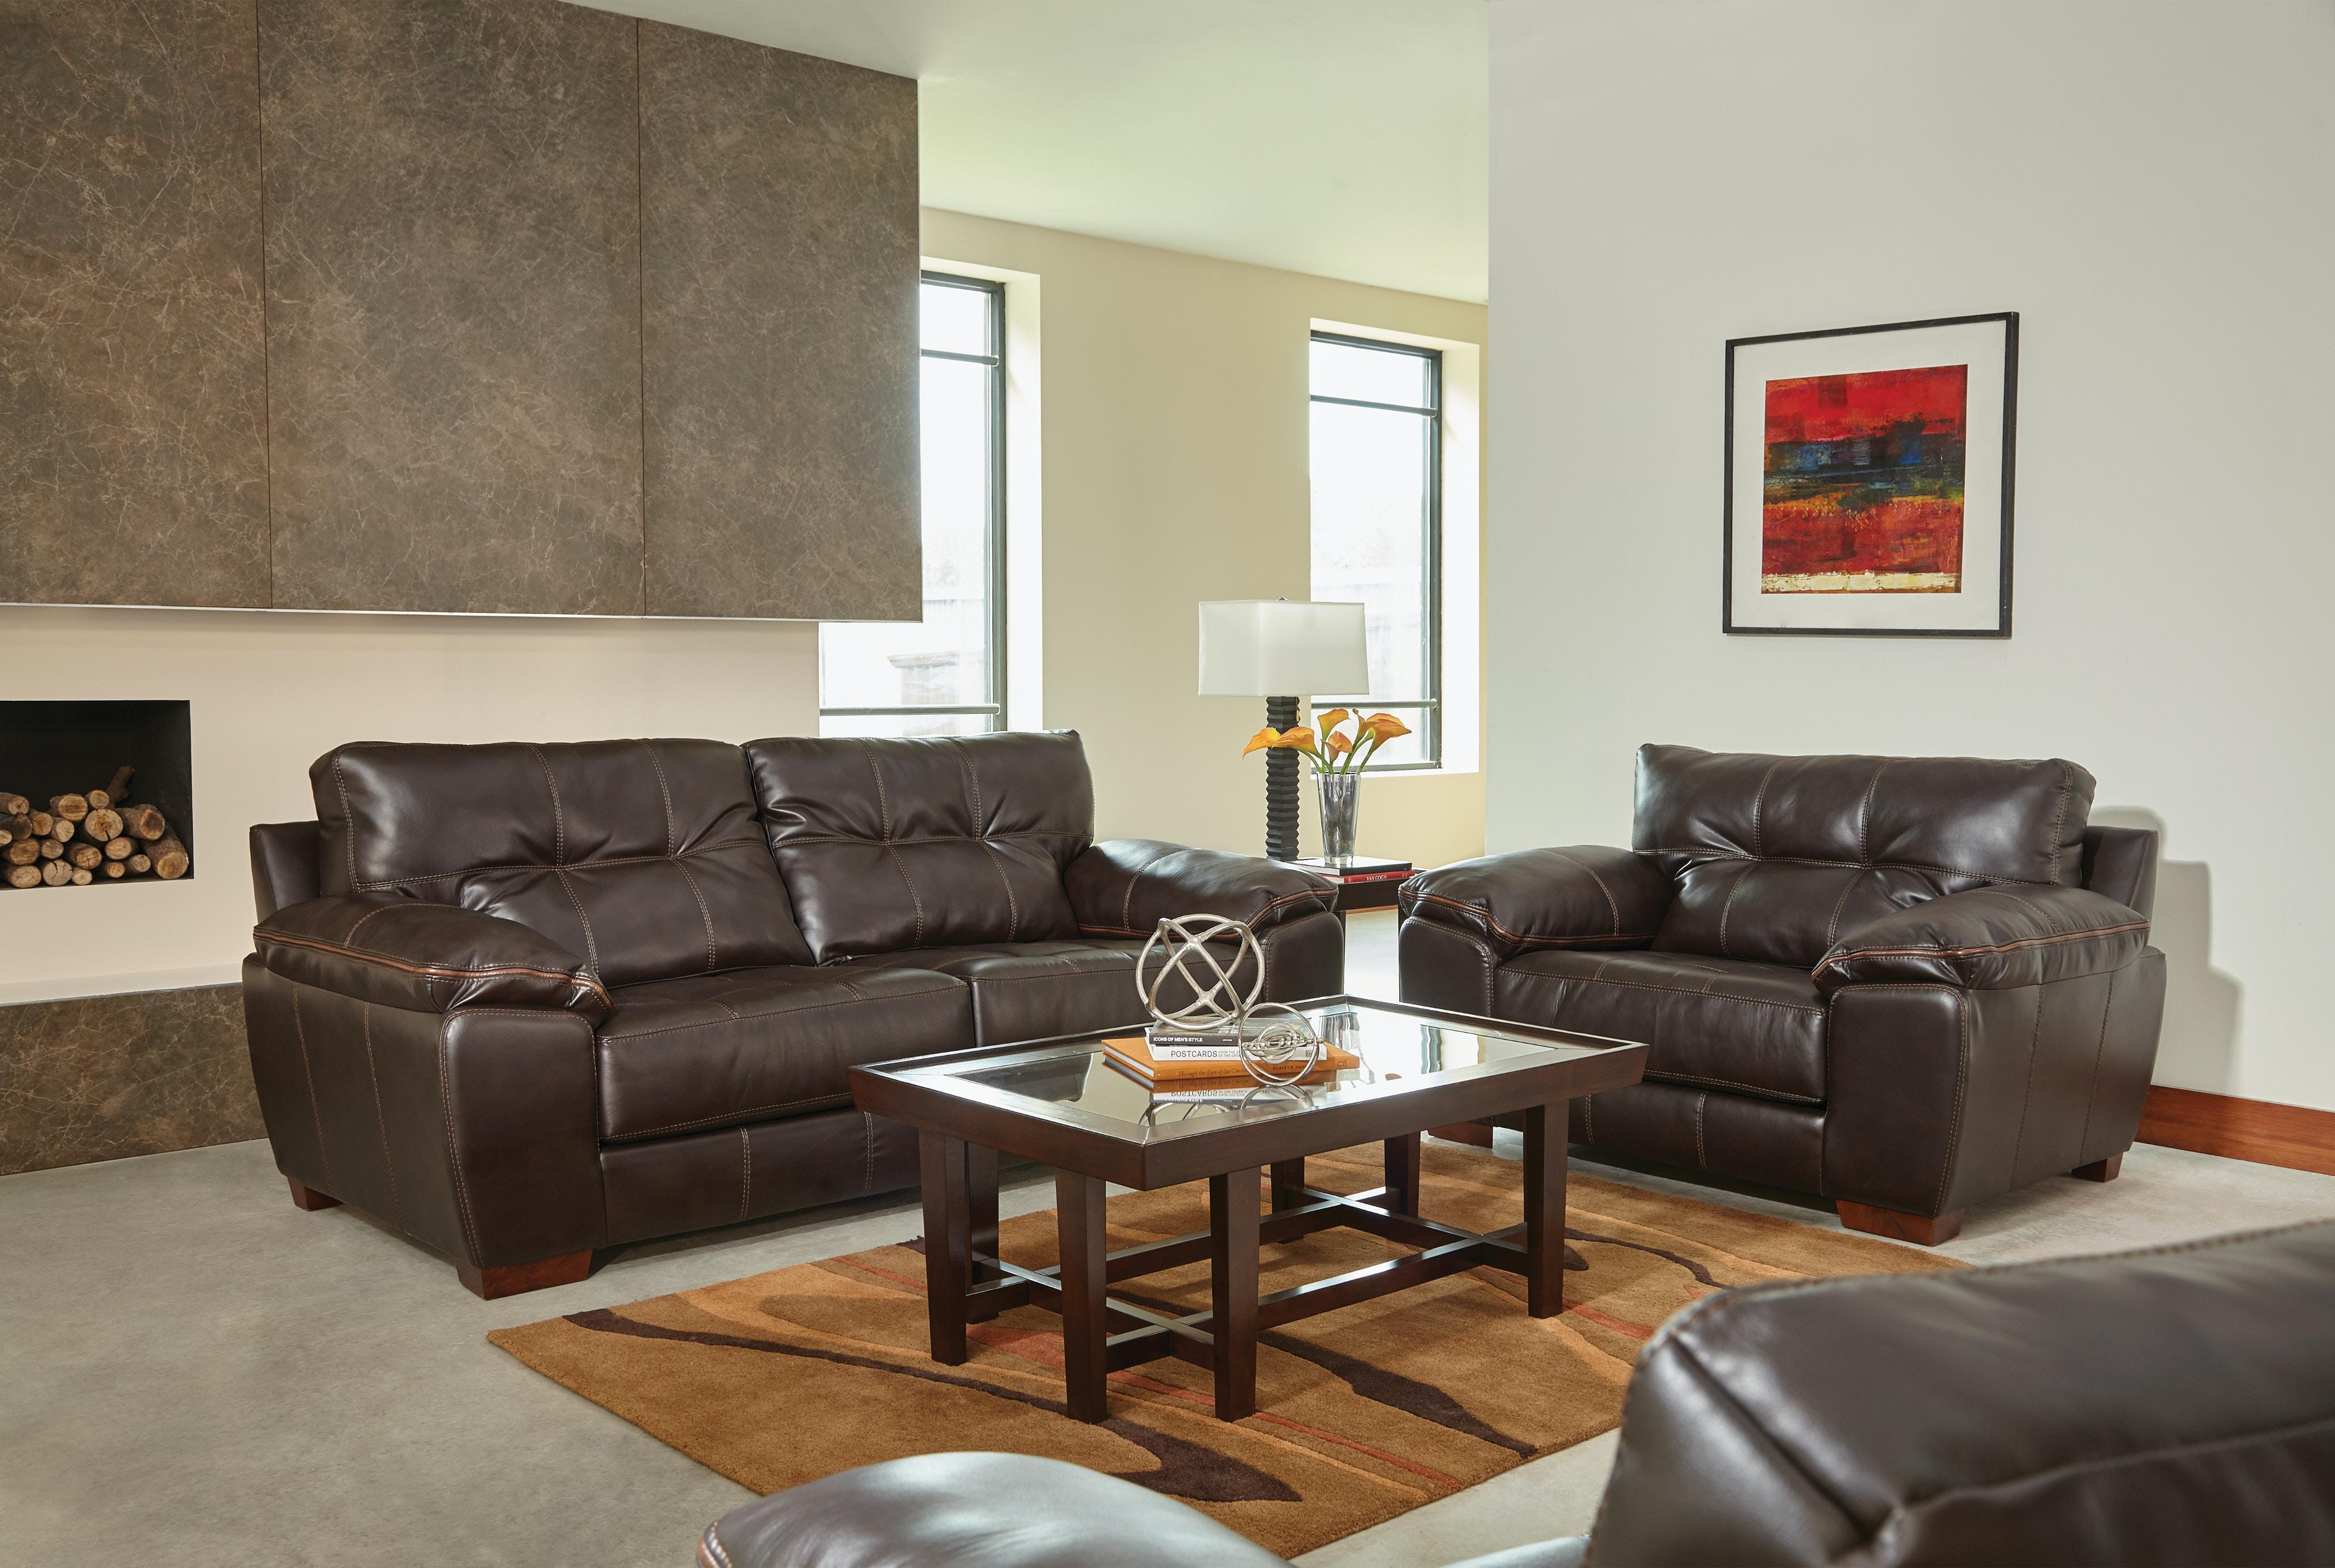 Catnapper Furniture Hudson Sofa U0026 Chair 1/2 (Brown W/ Tan Stripe)